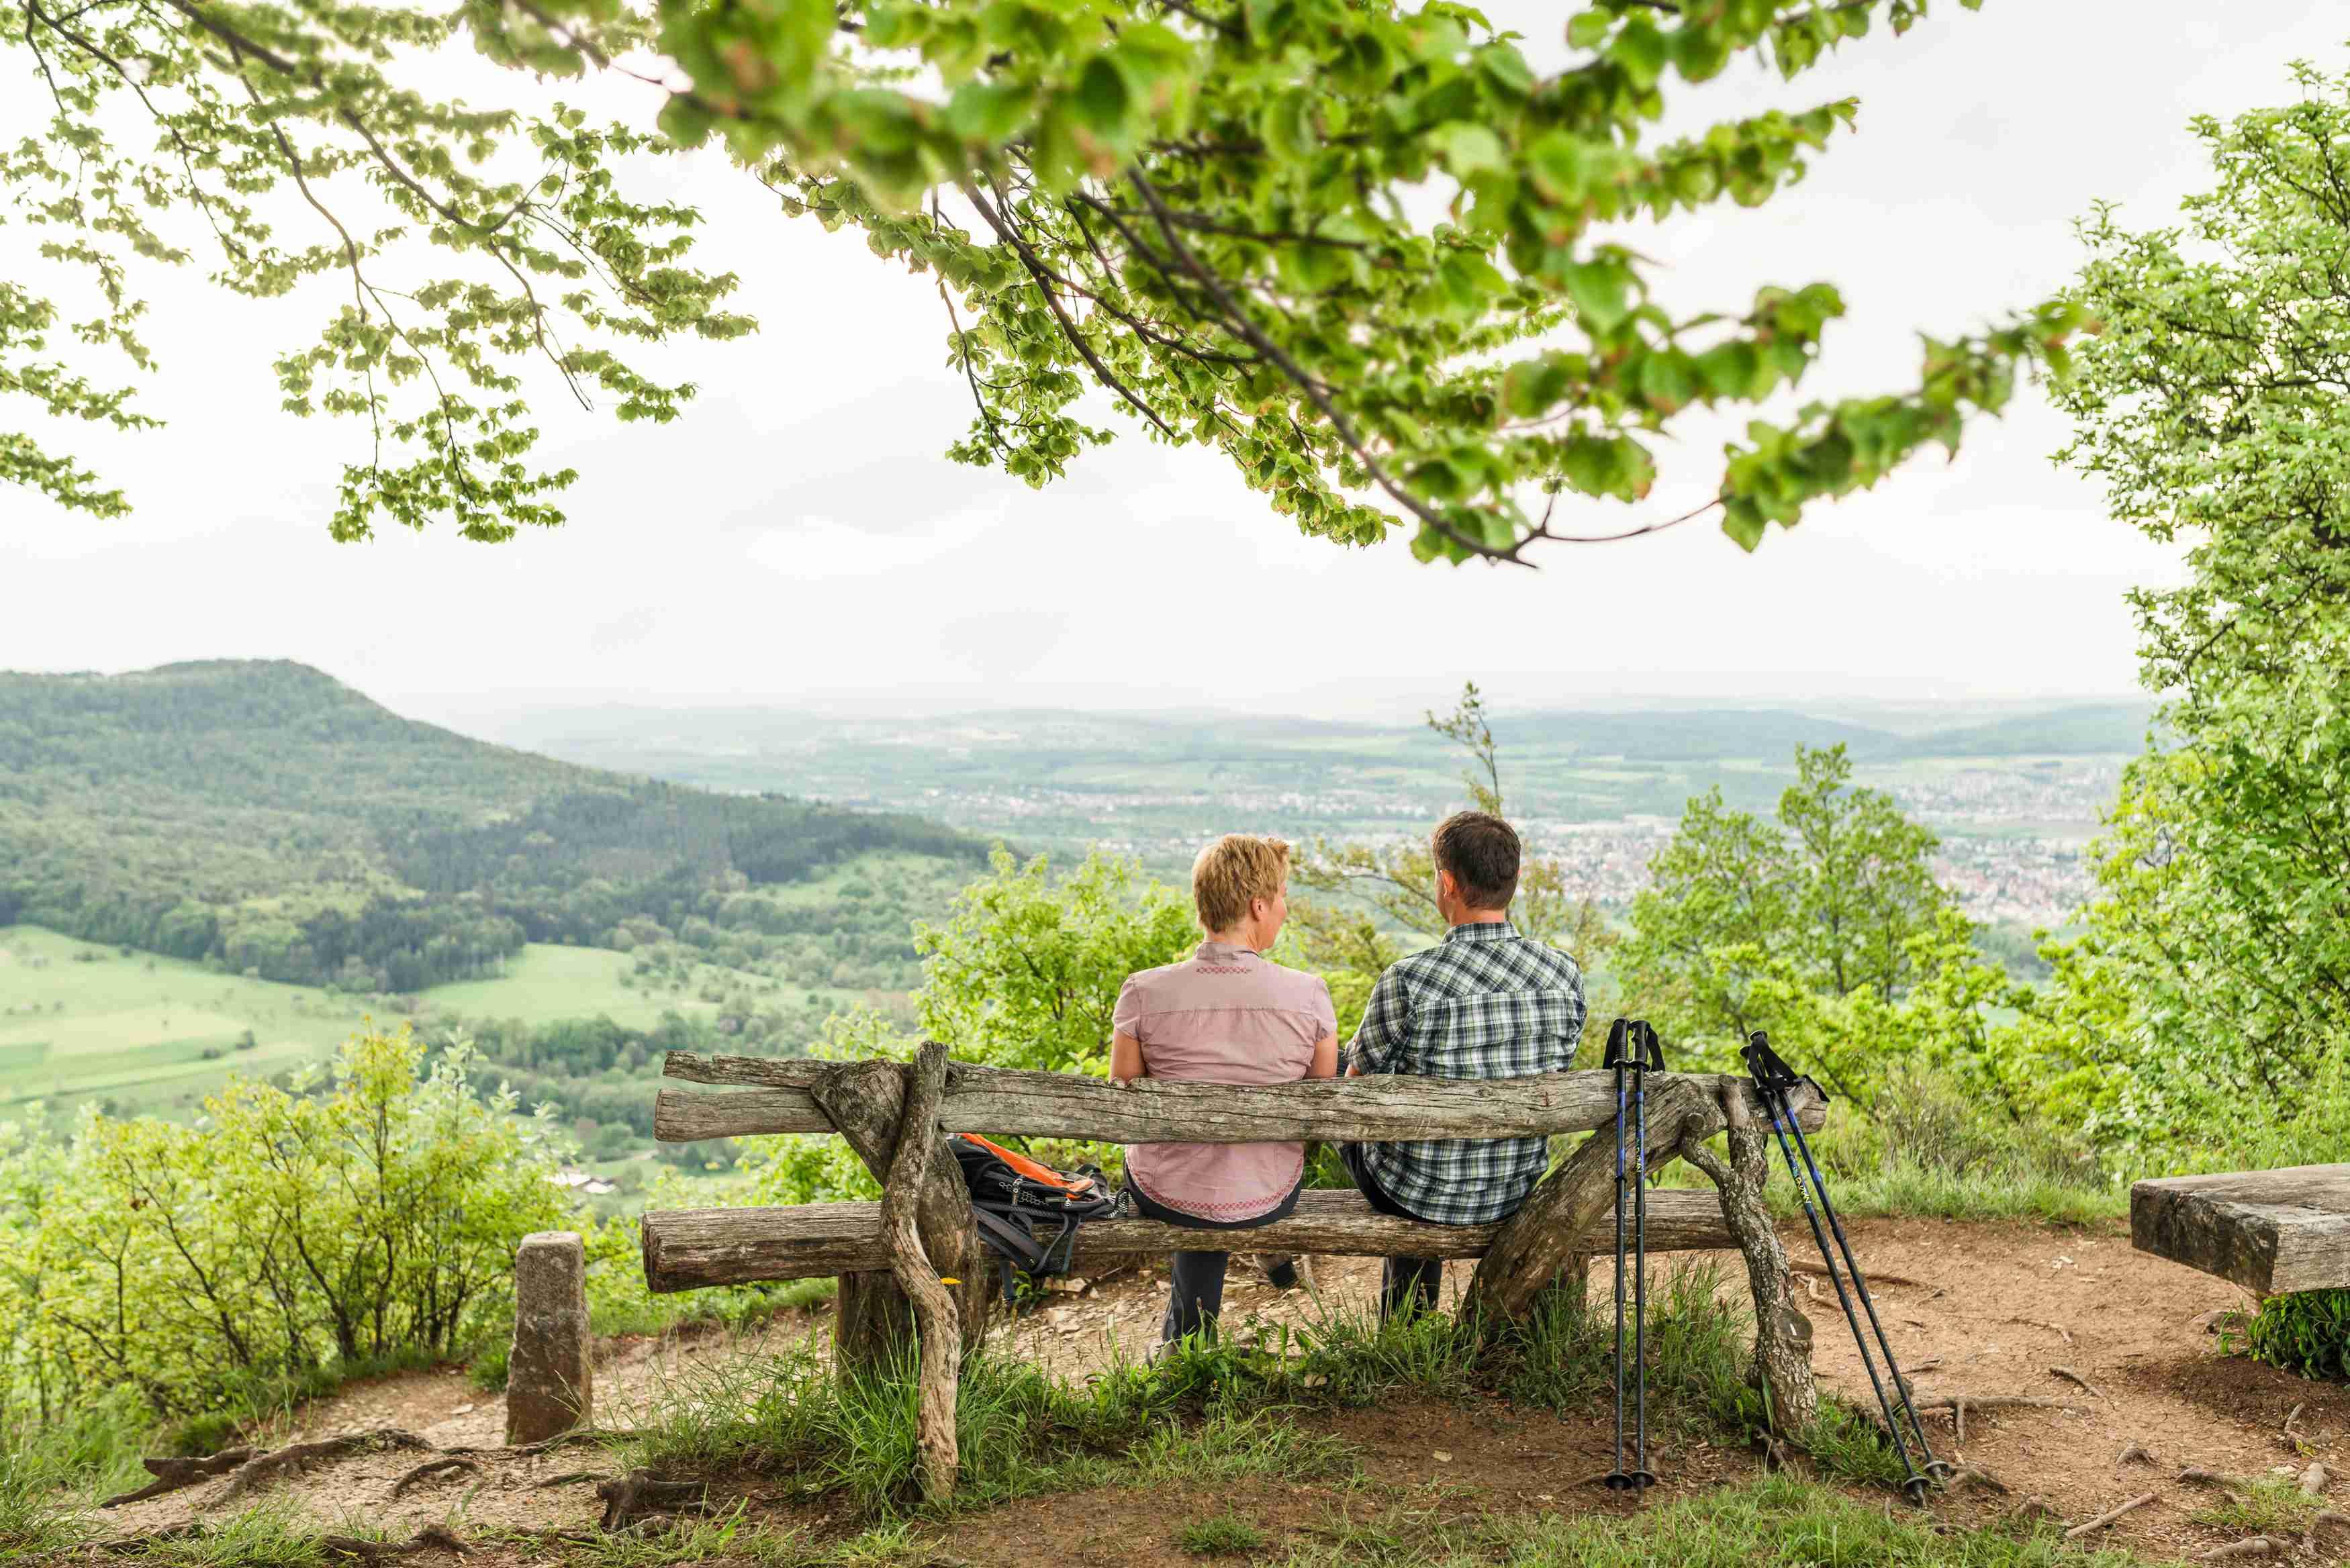 Aussichtsvolle Pause am Mössinger Früchtetrauf (Foto: Corinna Spitzbarth)